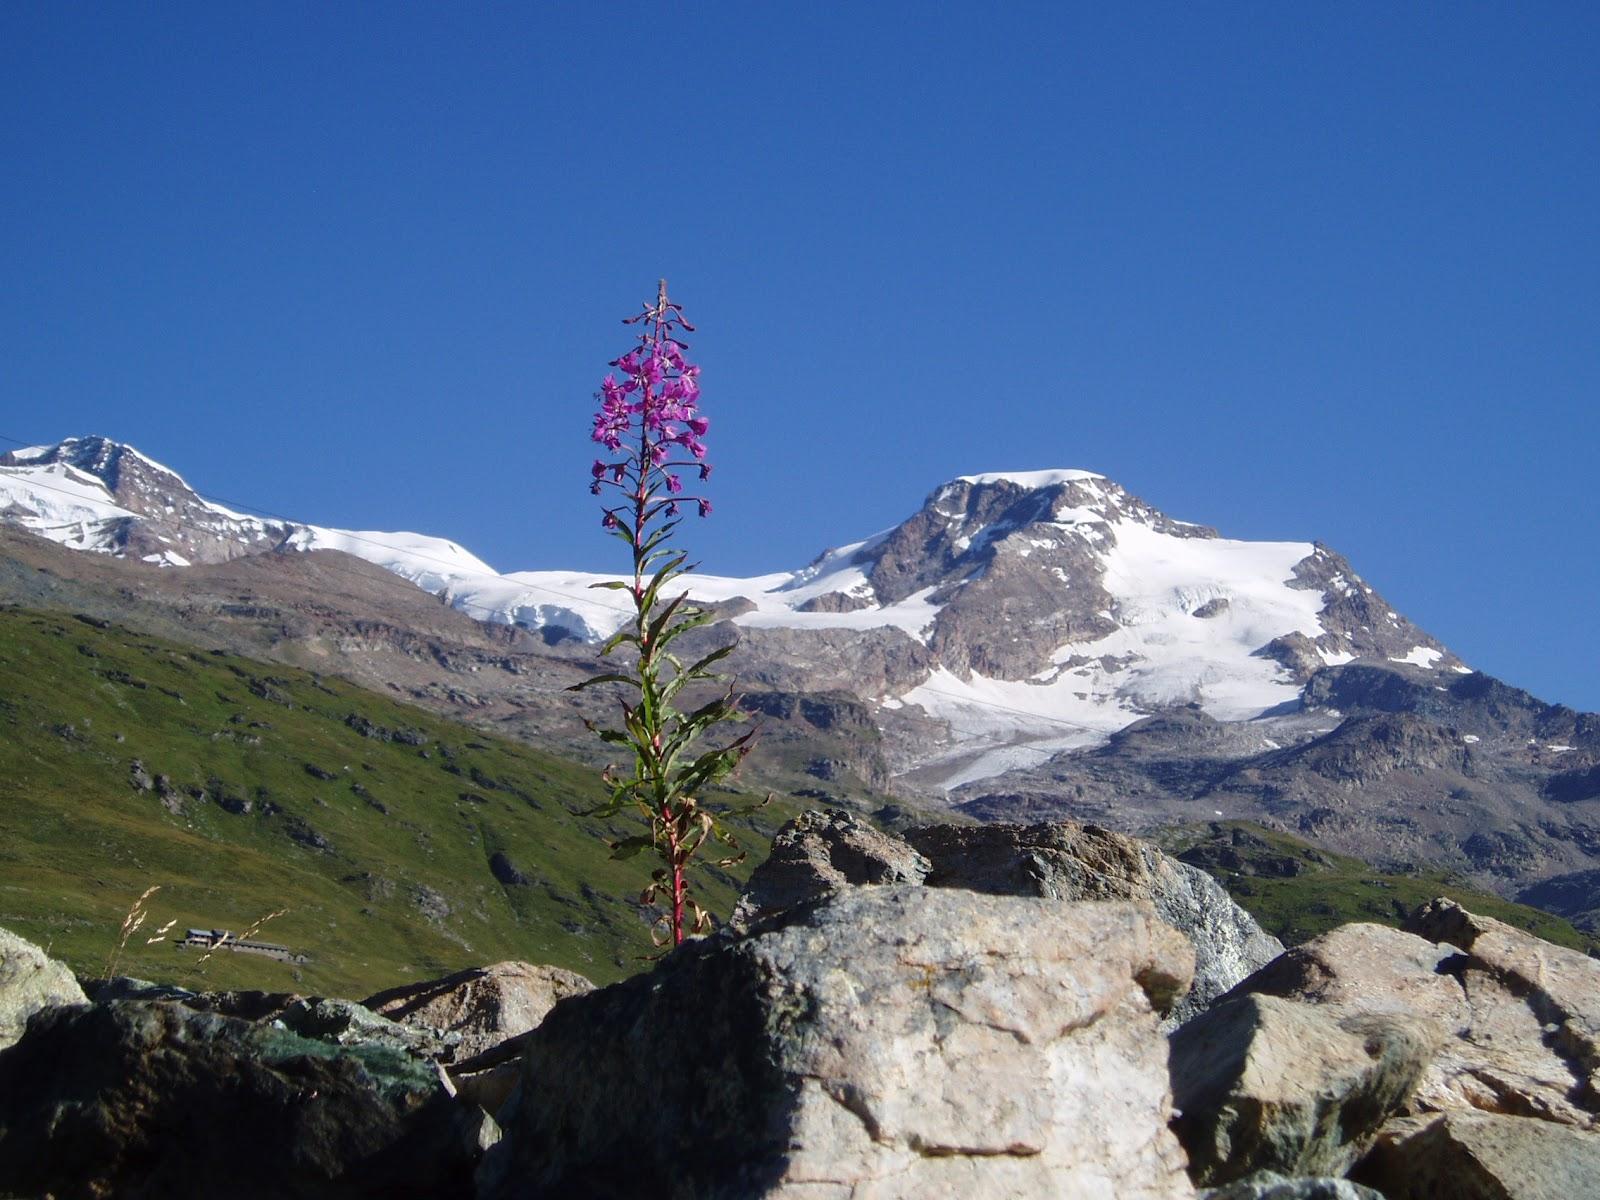 Andarpermonti escursionismo in valle del lys for Cabine di cresta antler